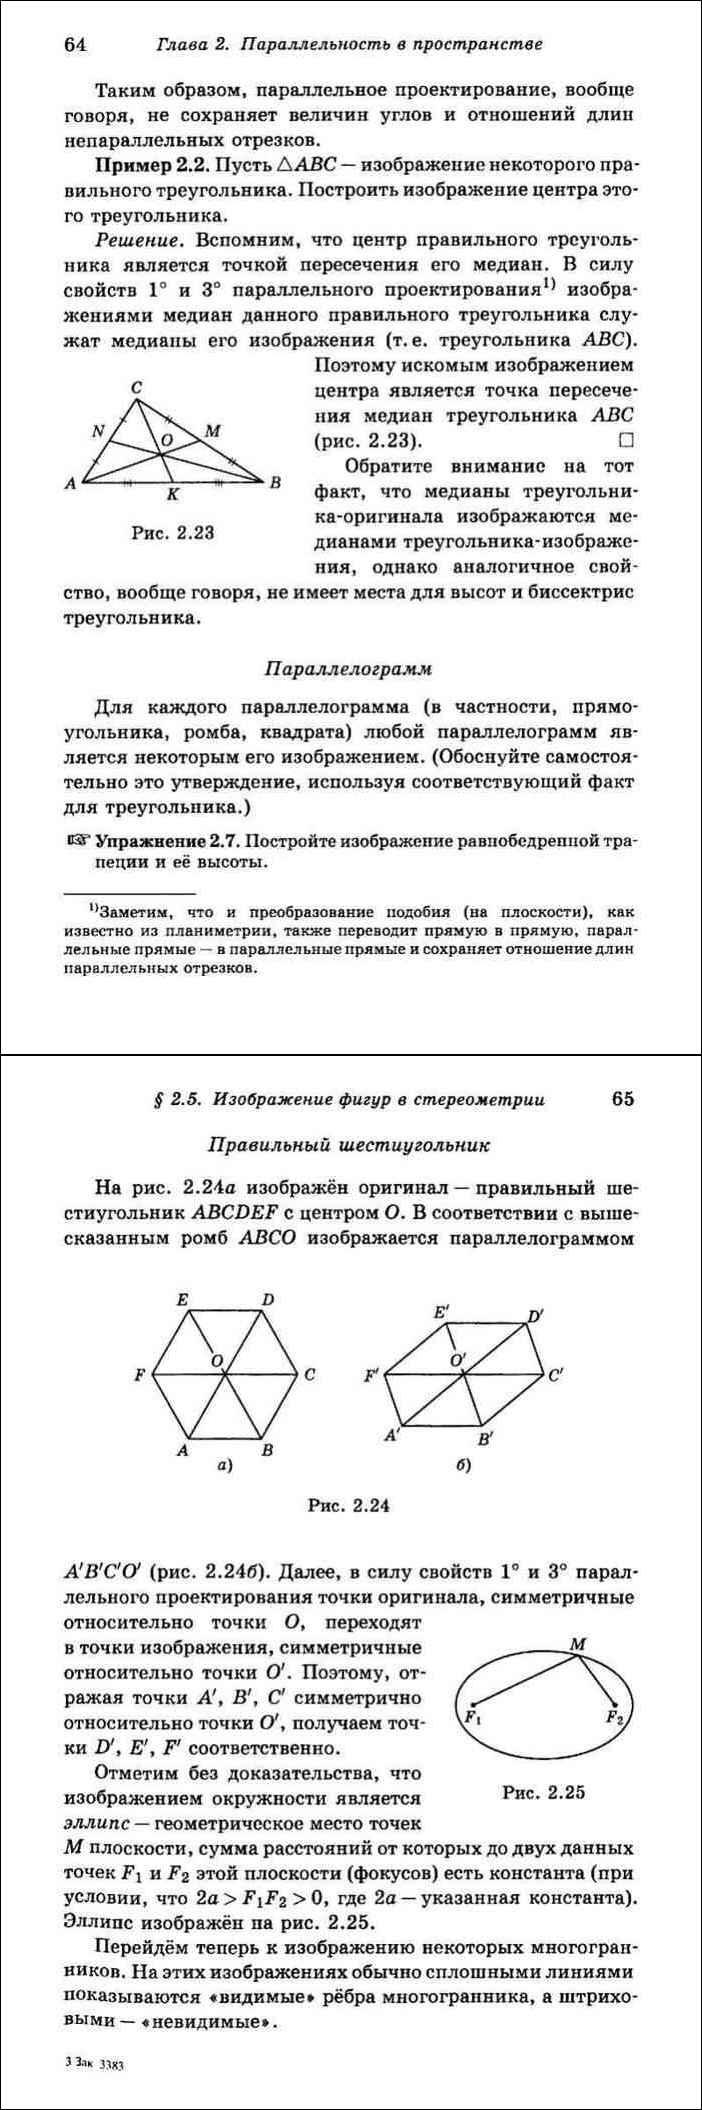 Письмо 500/m: Разъяснение требований ГОСТ Р 21.1101-2009, раздел 6 | 2110x702